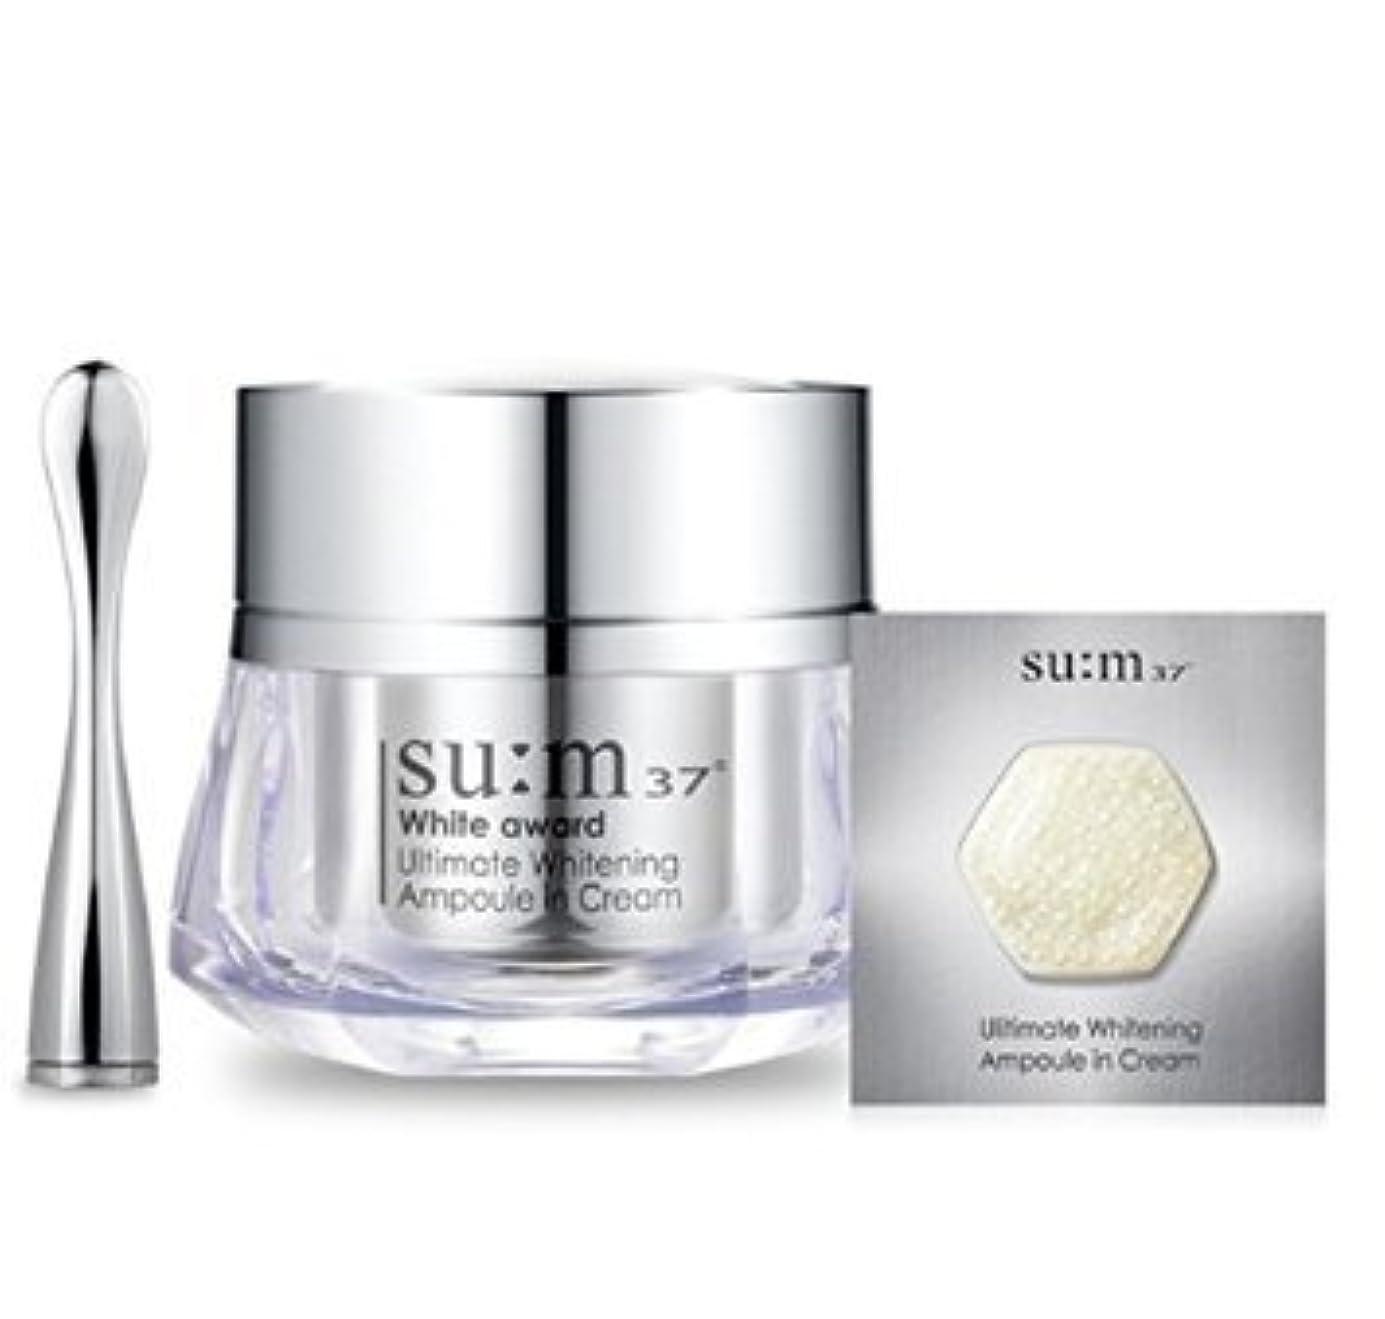 未亡人愛対称Korean Cosmetics_LG Su:m 37 White Award Ultimate Whitening Ampoule in Cream_45g[行輸入品]